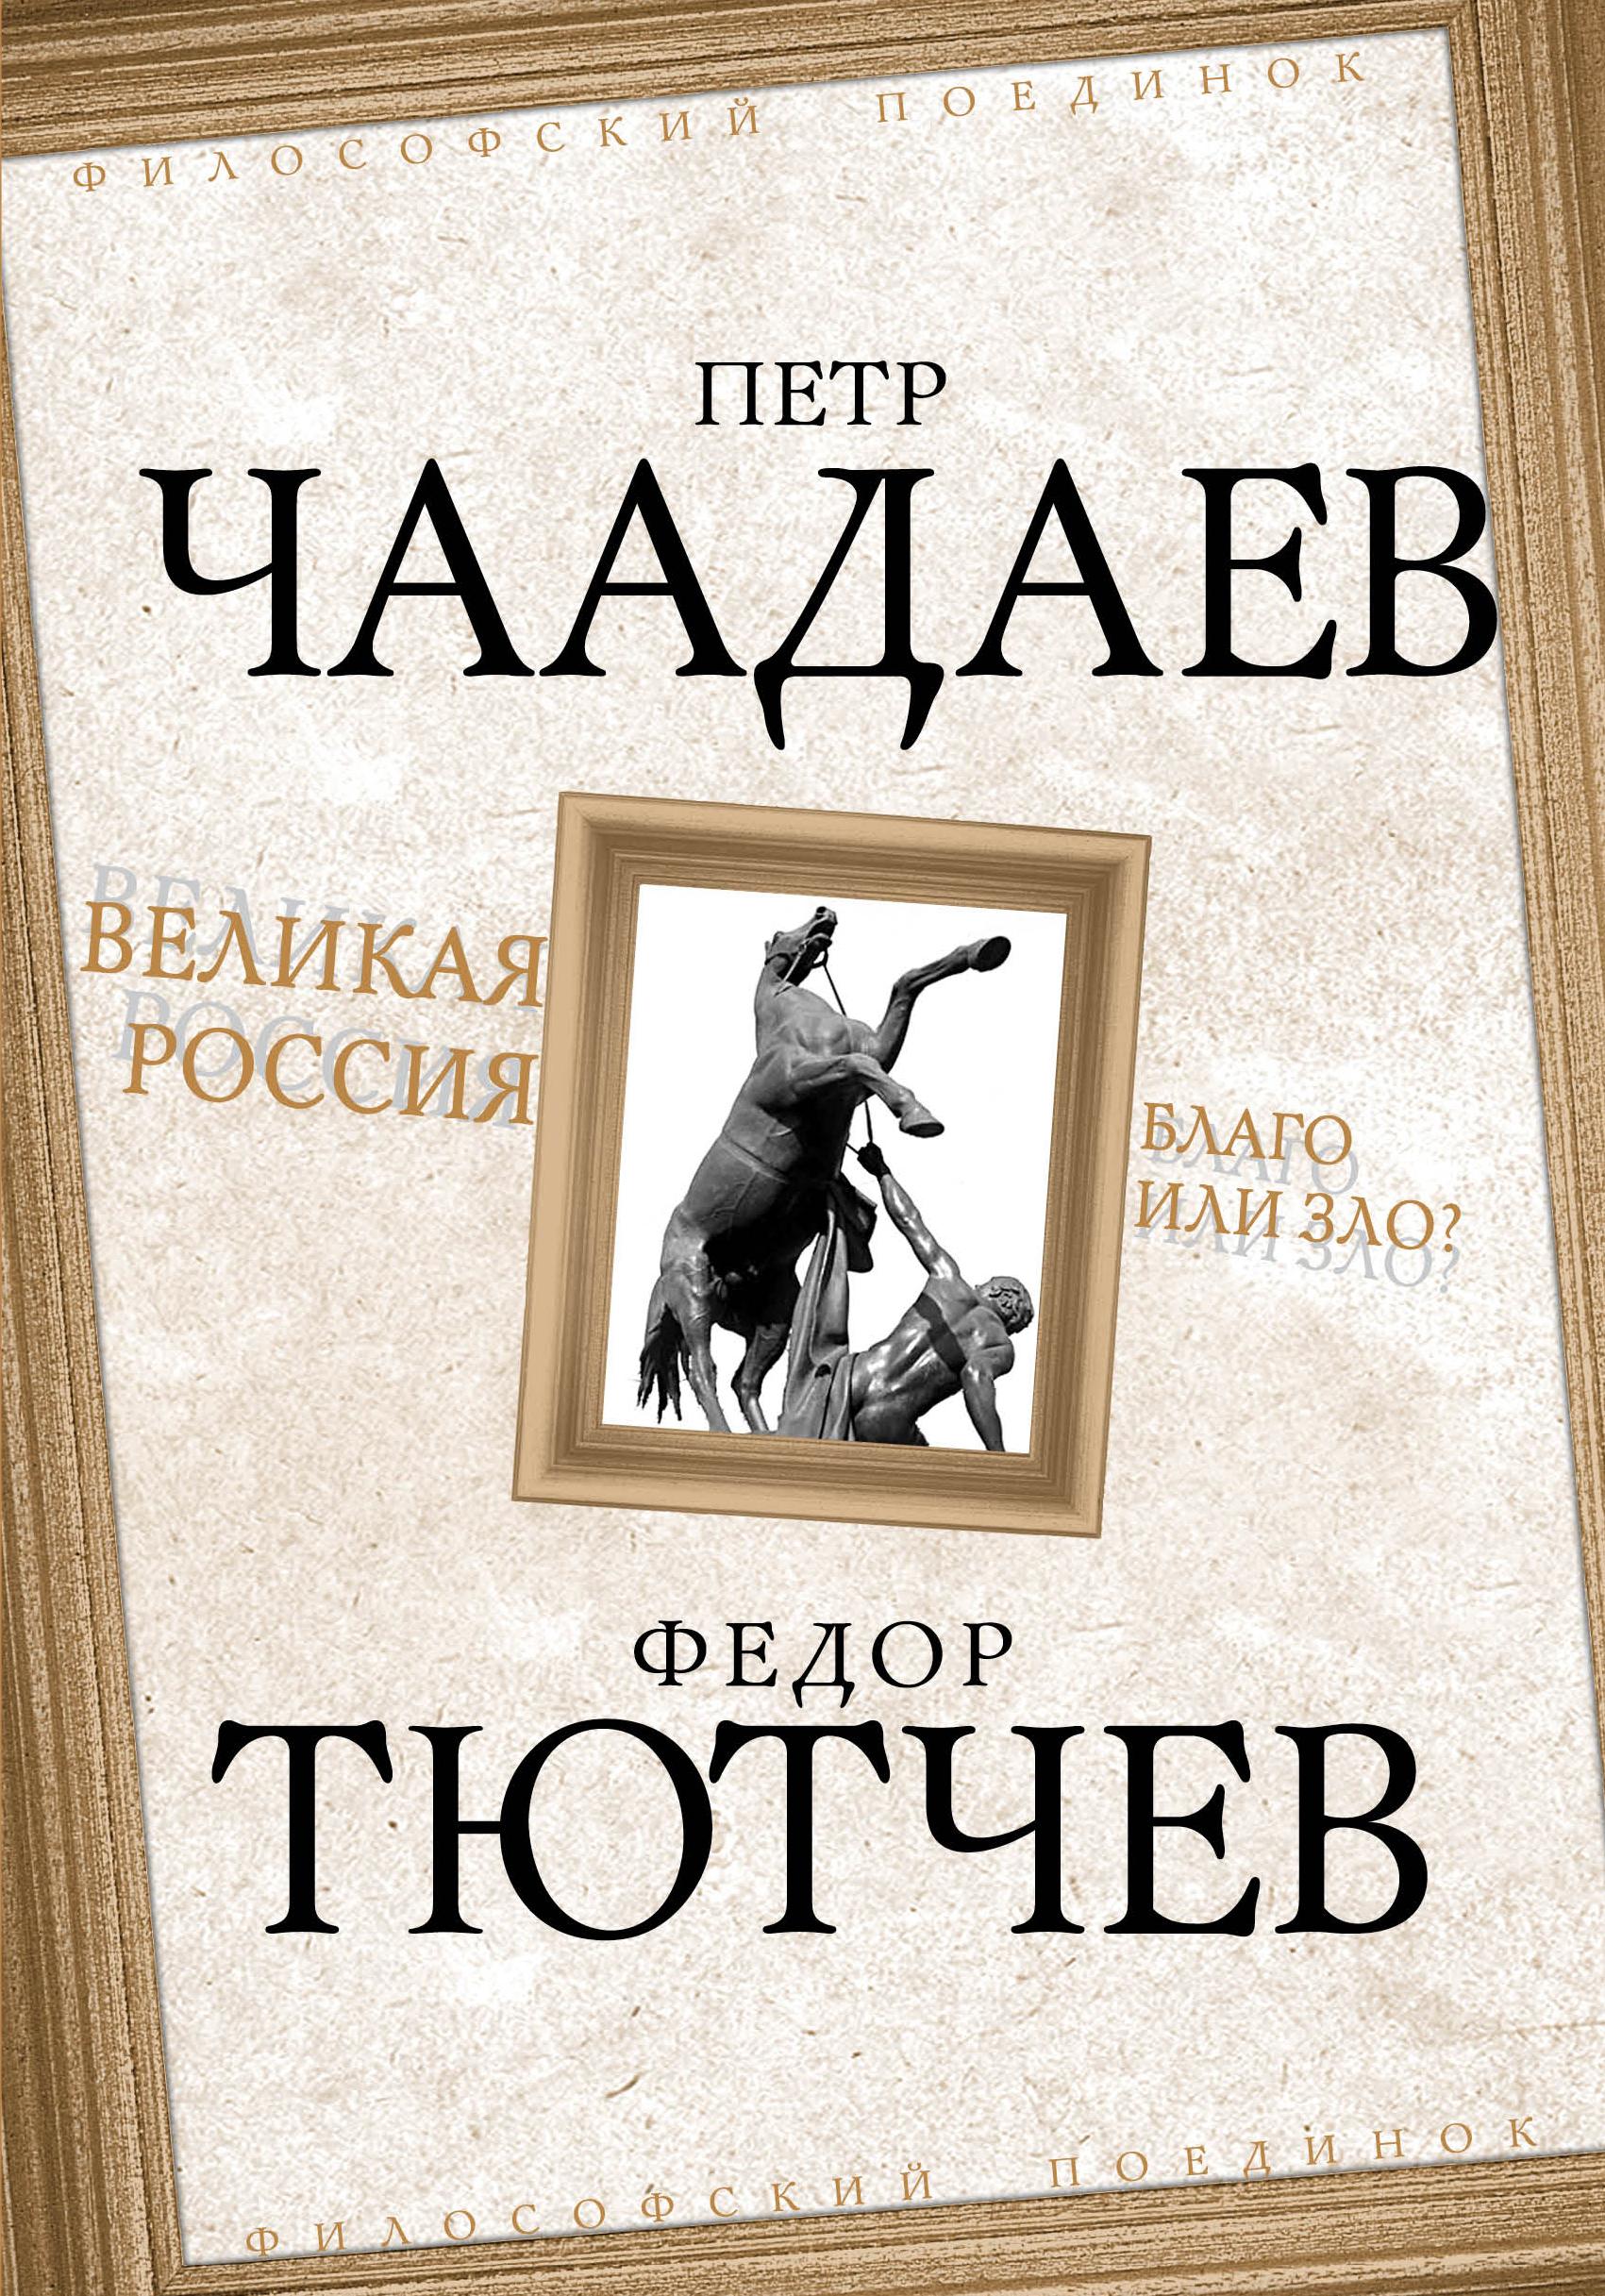 Великая Россия - благо или зло? ( Чаадаев П.Я., Тютчев Ф.И.  )